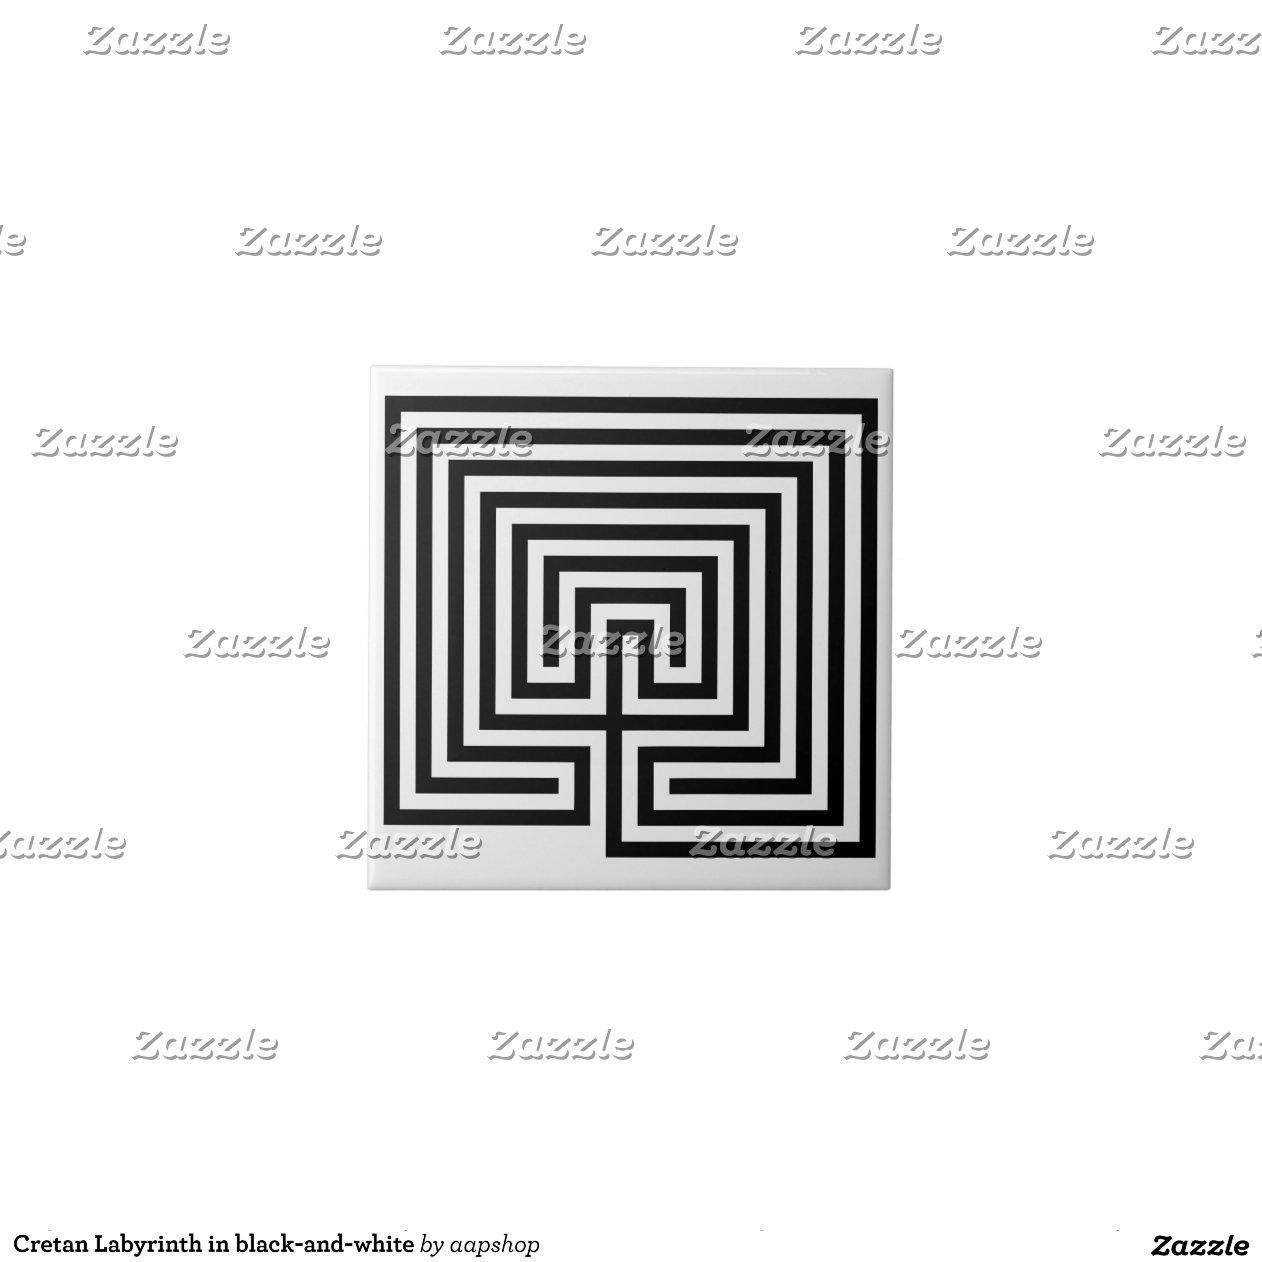 Laberinto del cretan en blanco y negro azulejo zazzle for Azulejo a cuadros blanco y negro barato